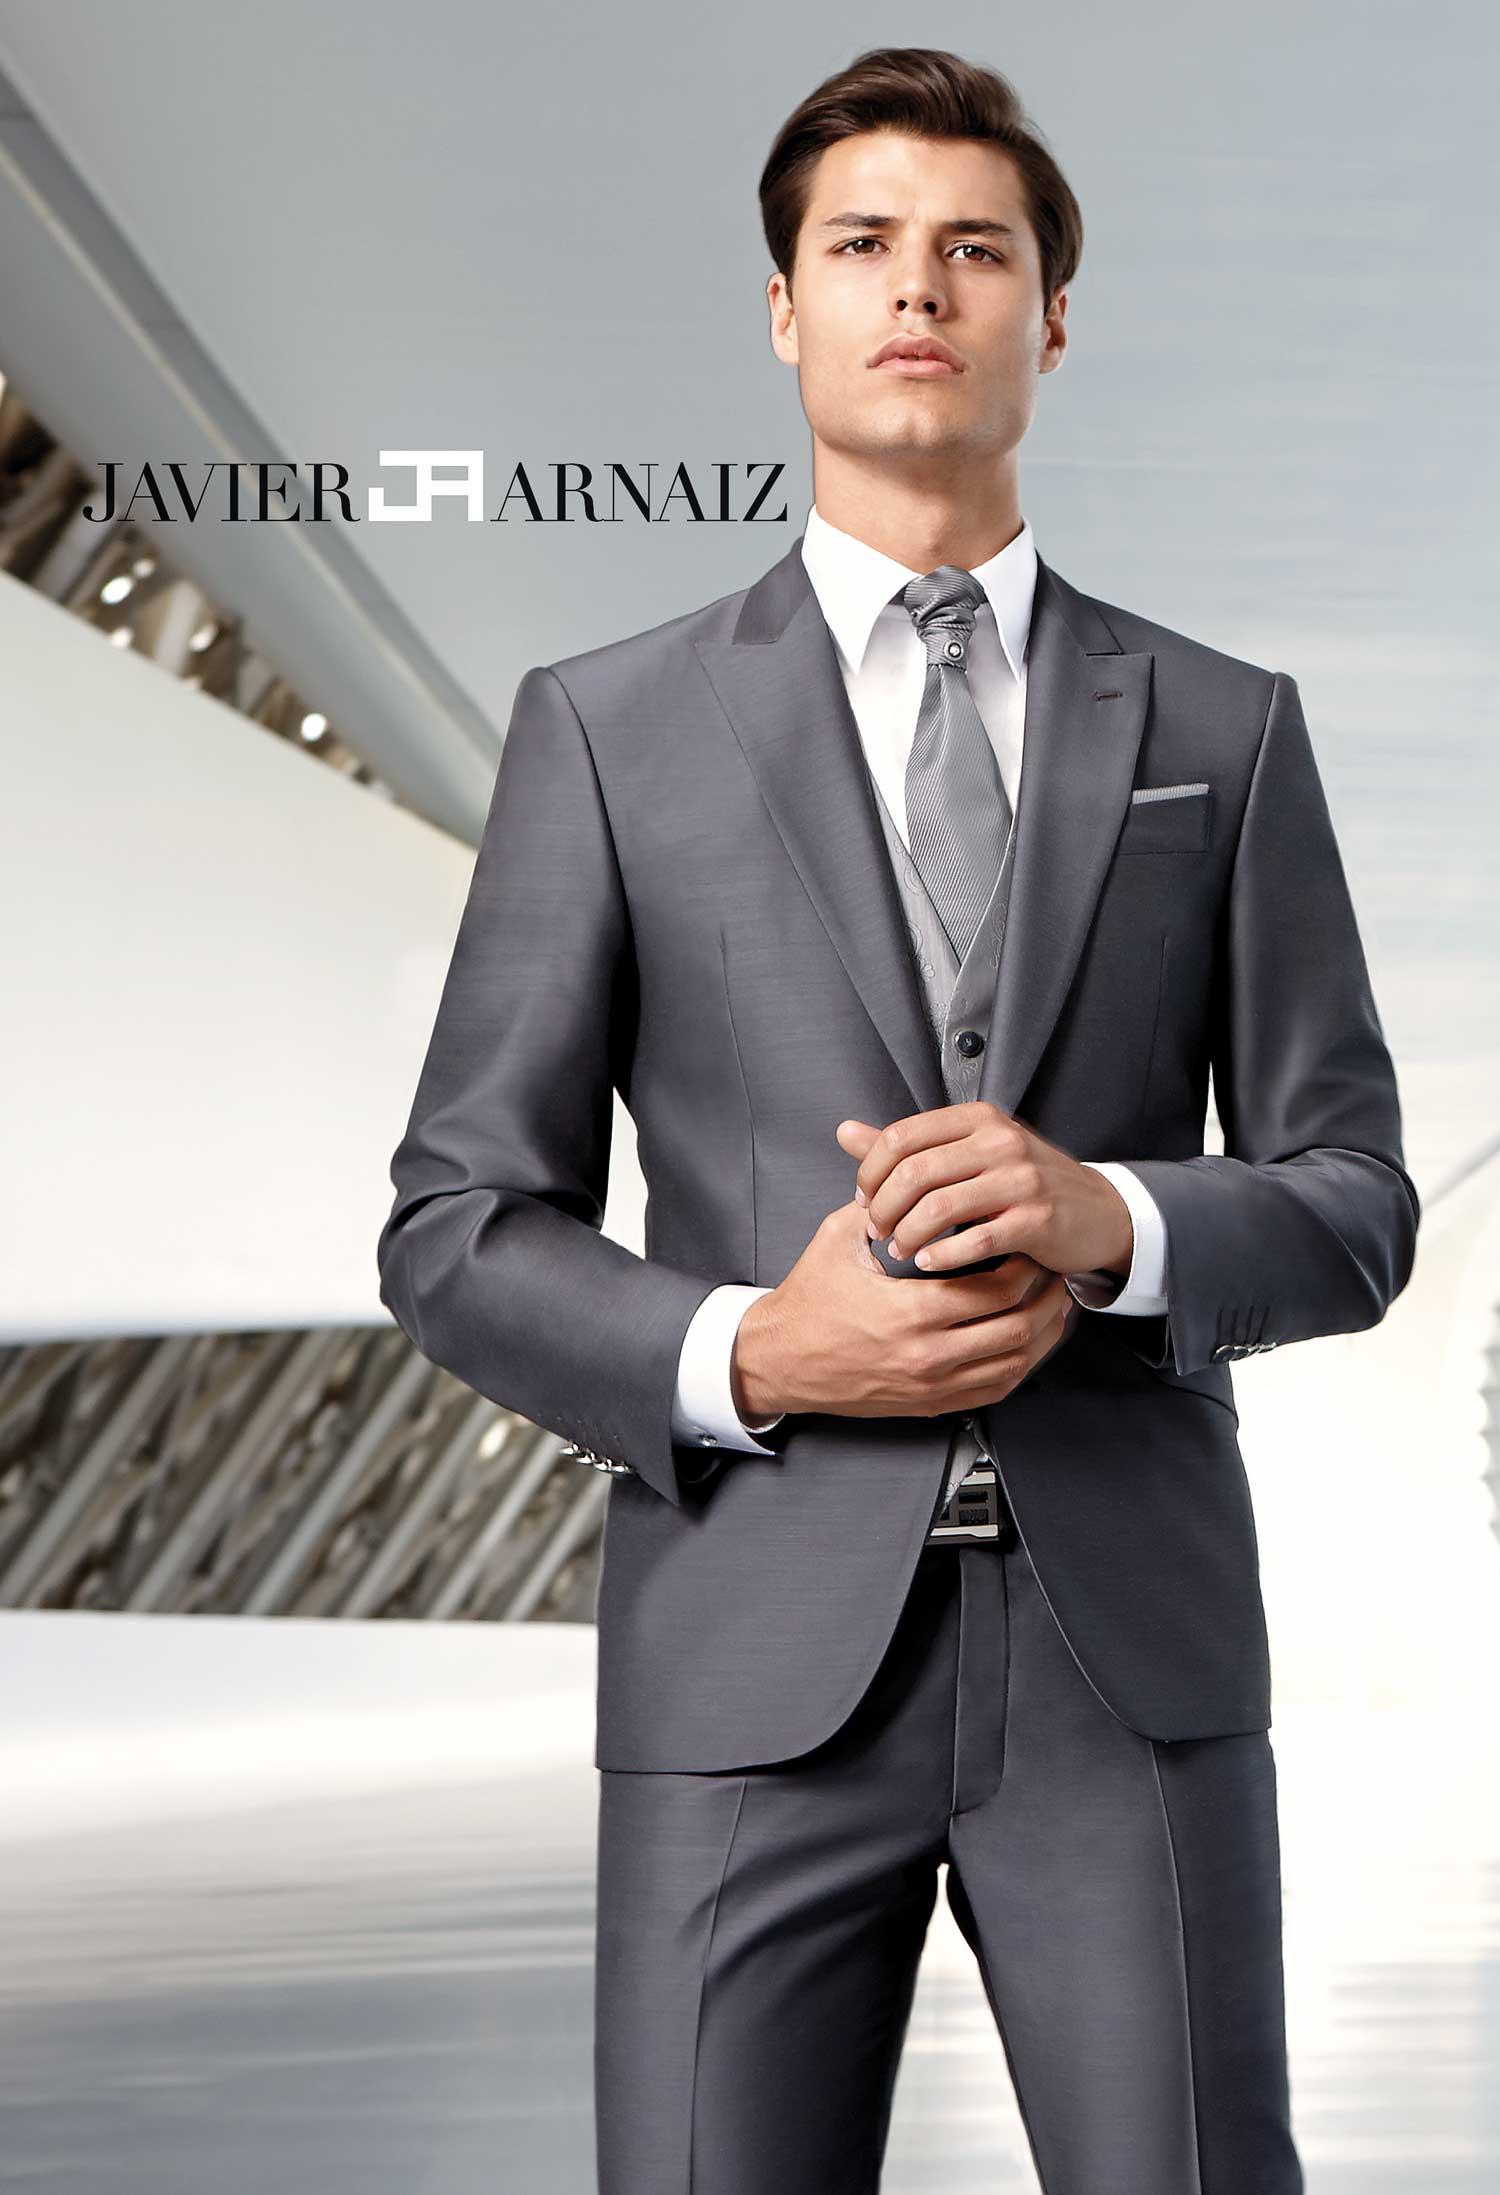 vendita a buon mercato usa San Francisco tecnologia avanzata Bei vestiti Italia: Abito da sposo hugo boss 2013